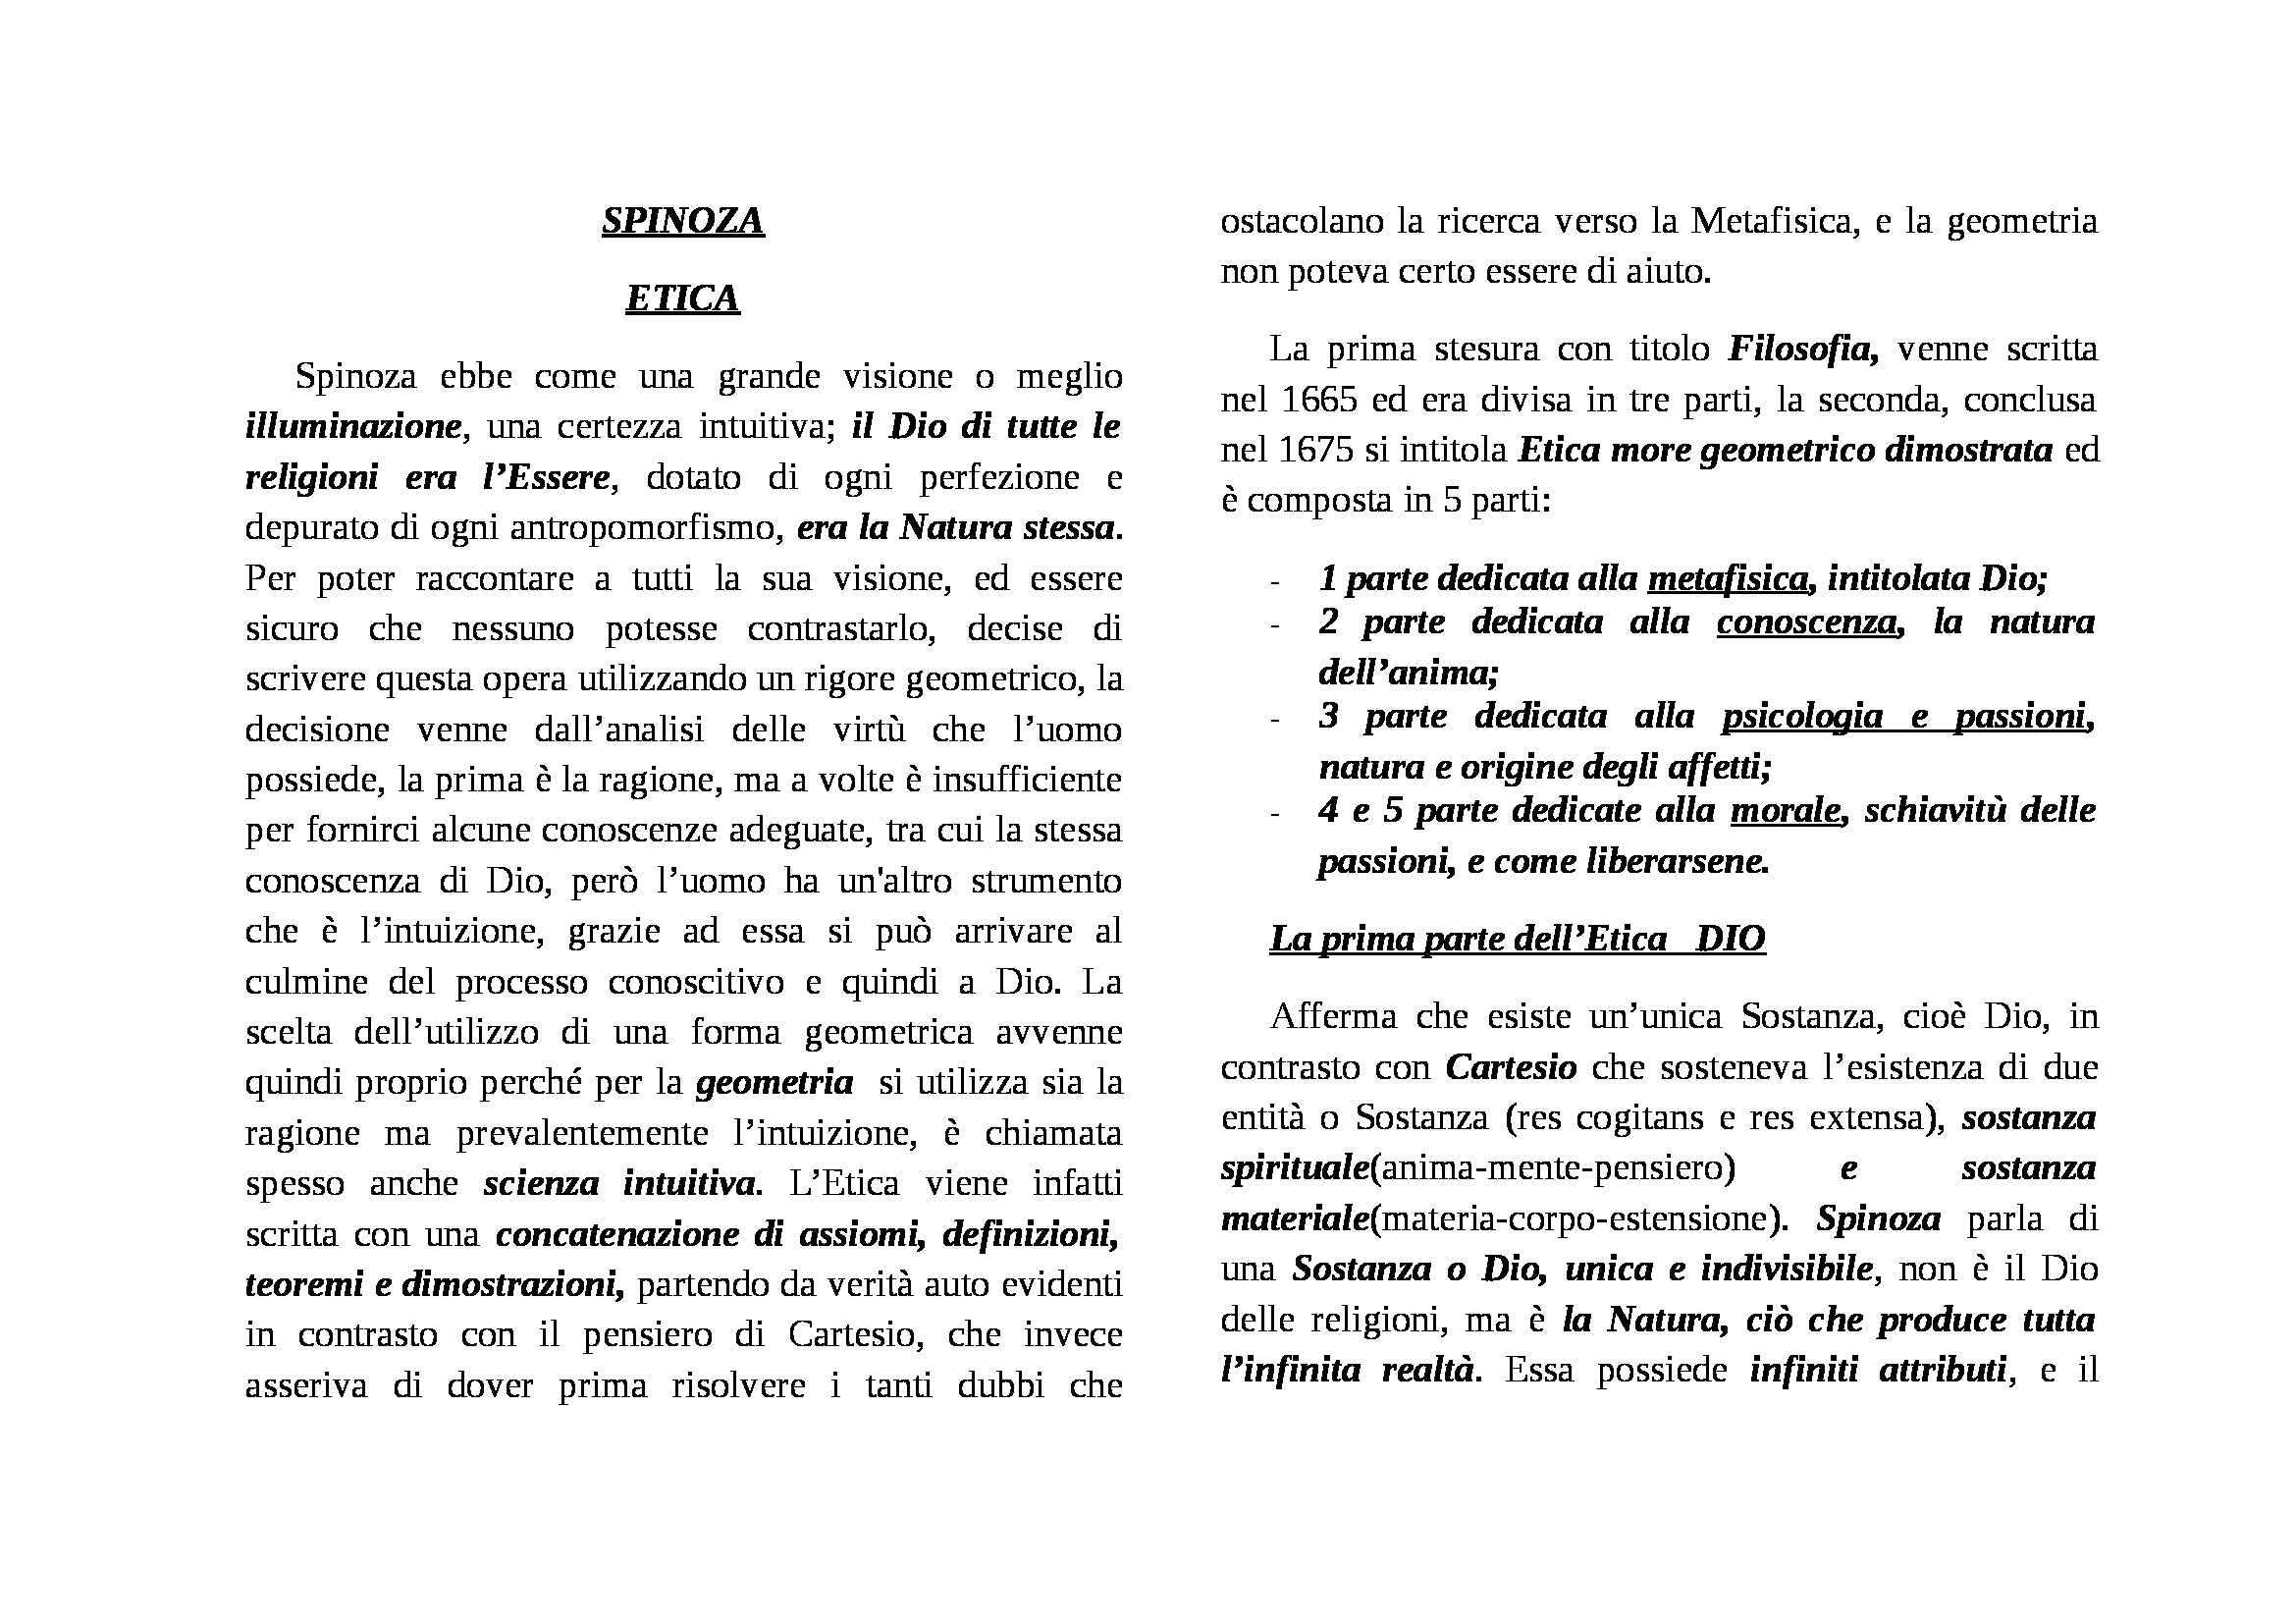 Spinoza, Etica - Appunti